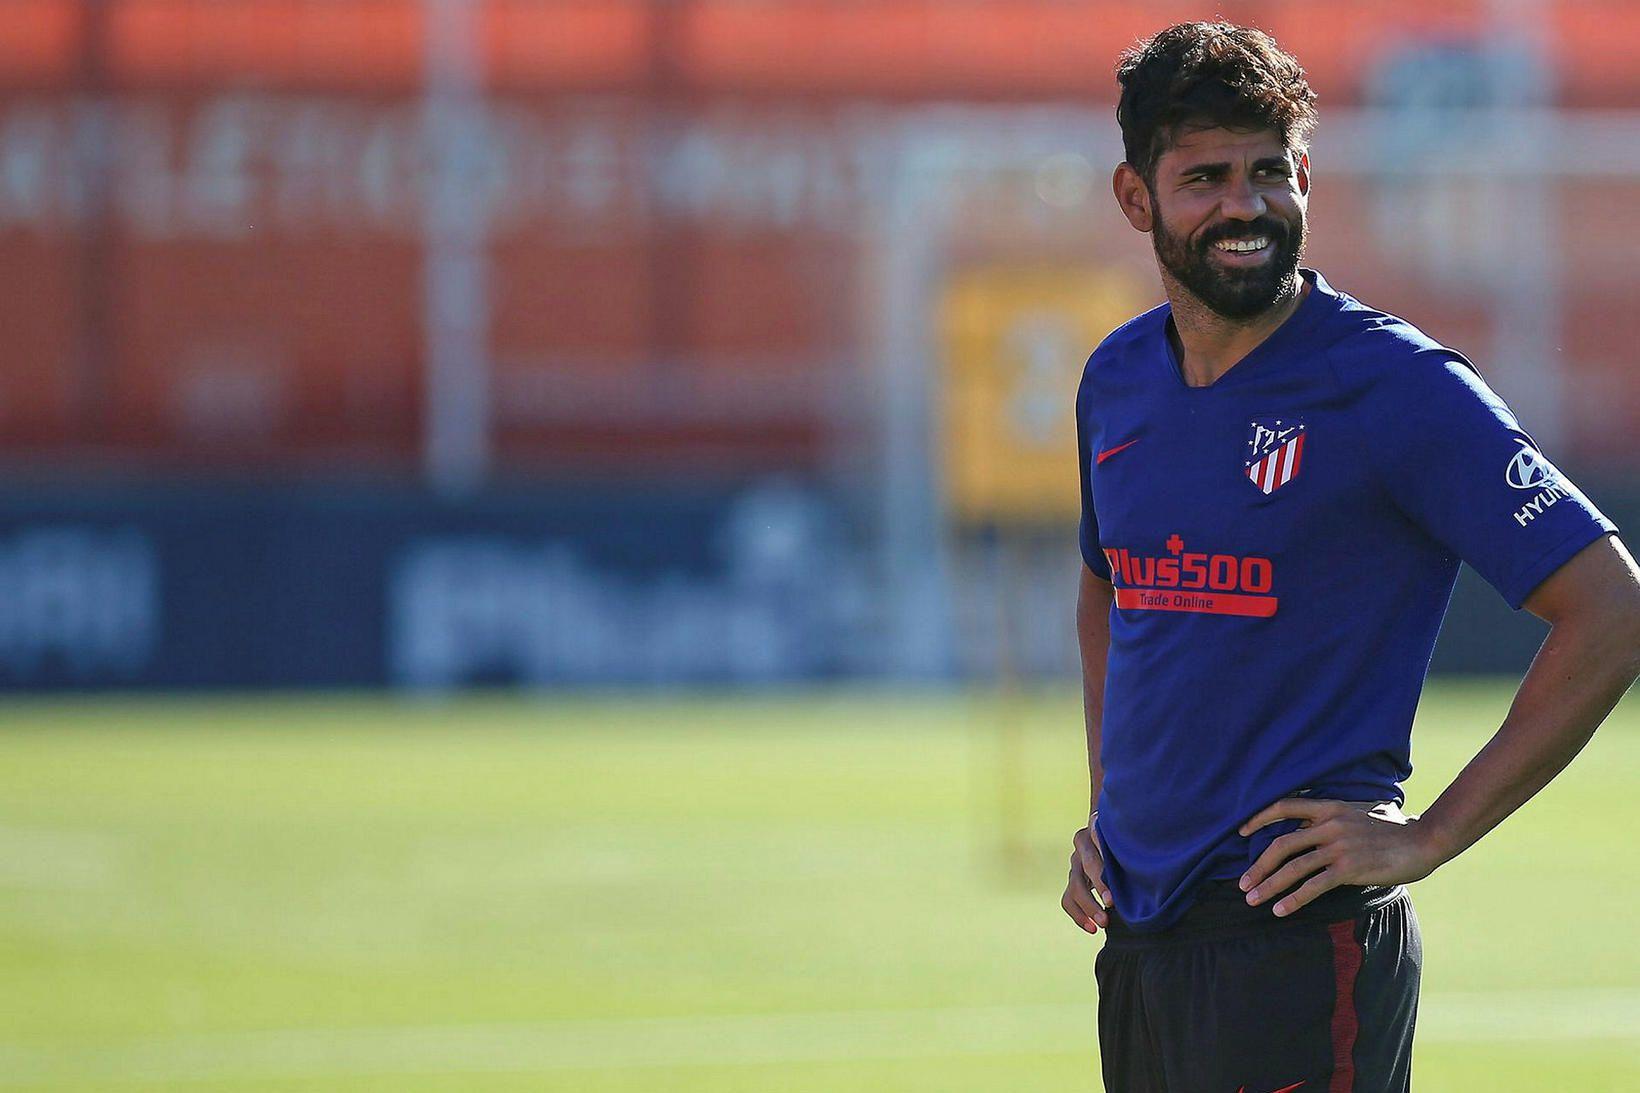 Diego Costa er mættur aftur til æfinga hjá Atlético Madríd.